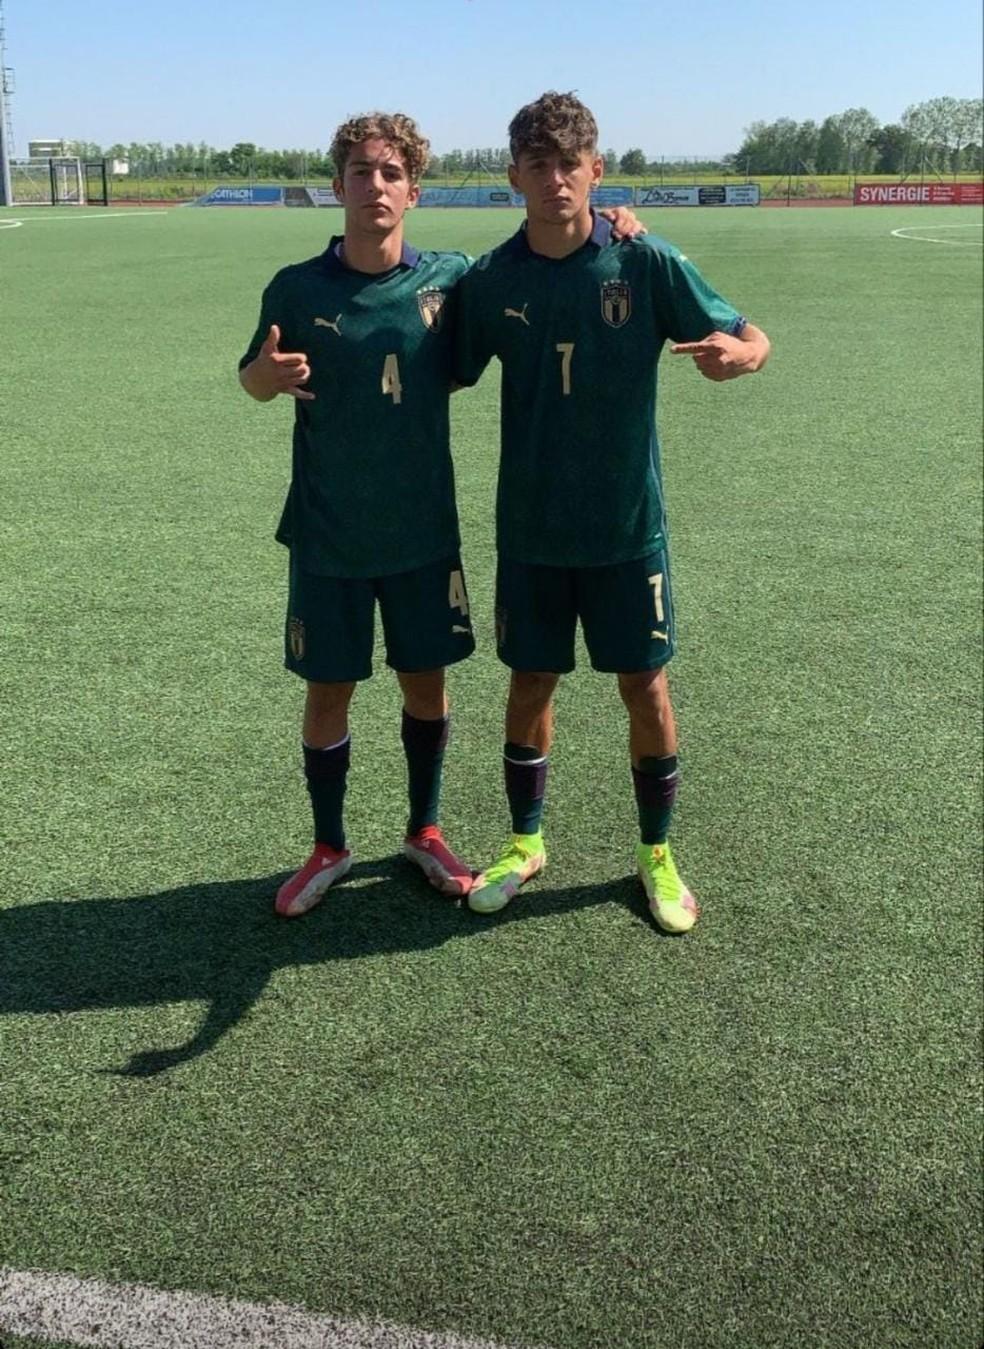 À esquerda, com a camisa 4, Pedro em jogo da seleção italiana, ao lado de Jacopo Simonetta — Foto: Divulgação/Instagram